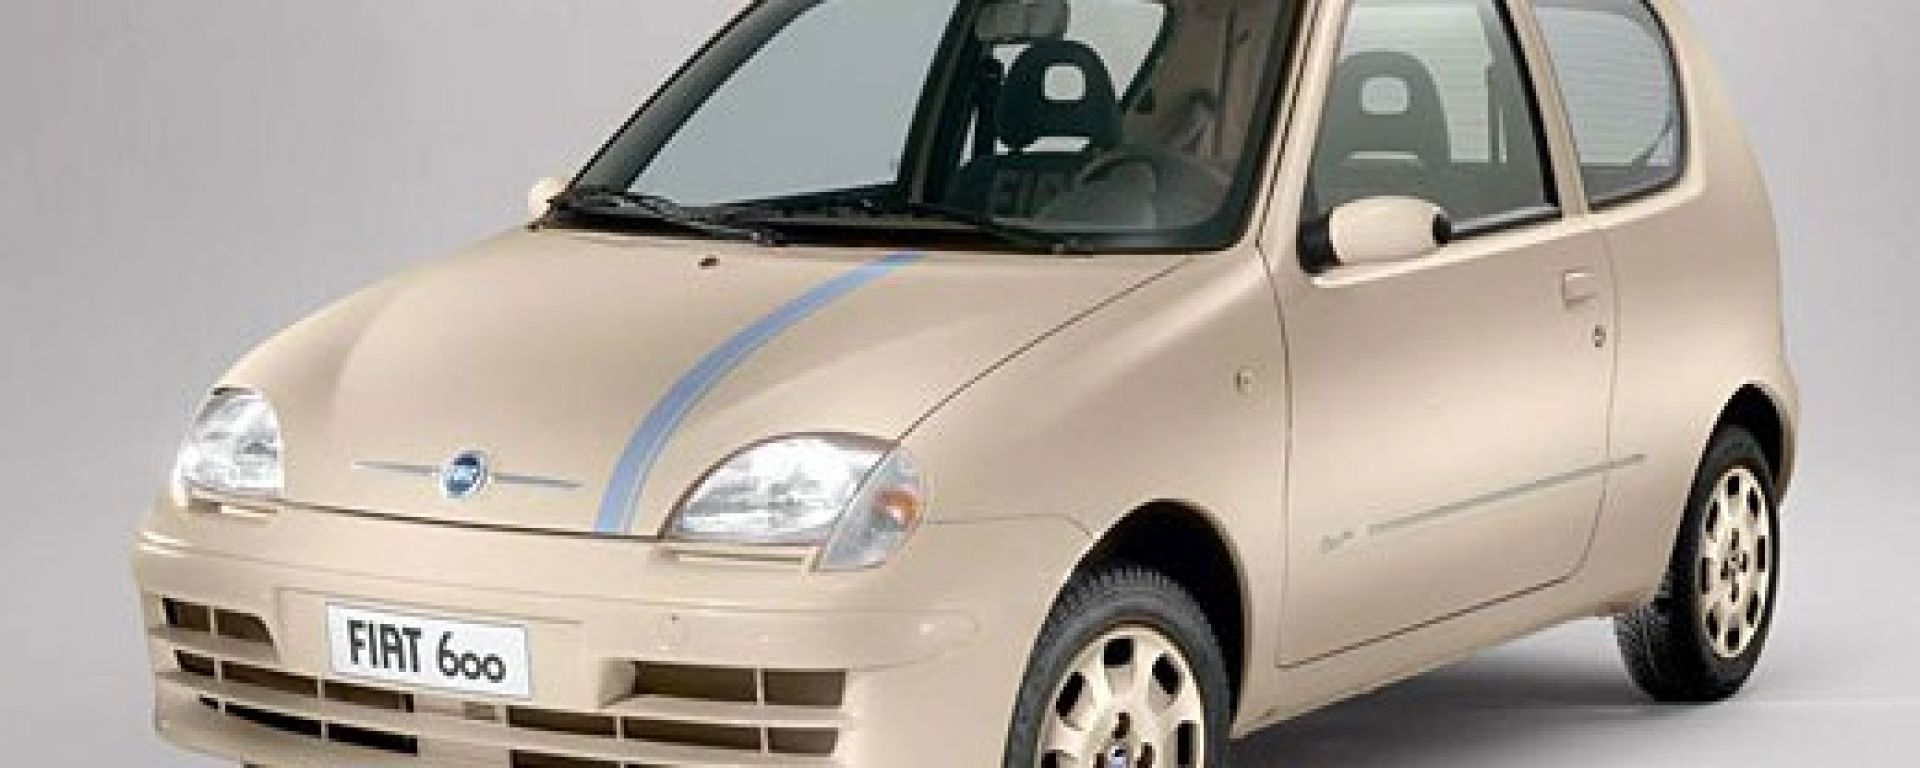 Fiat 600 50th